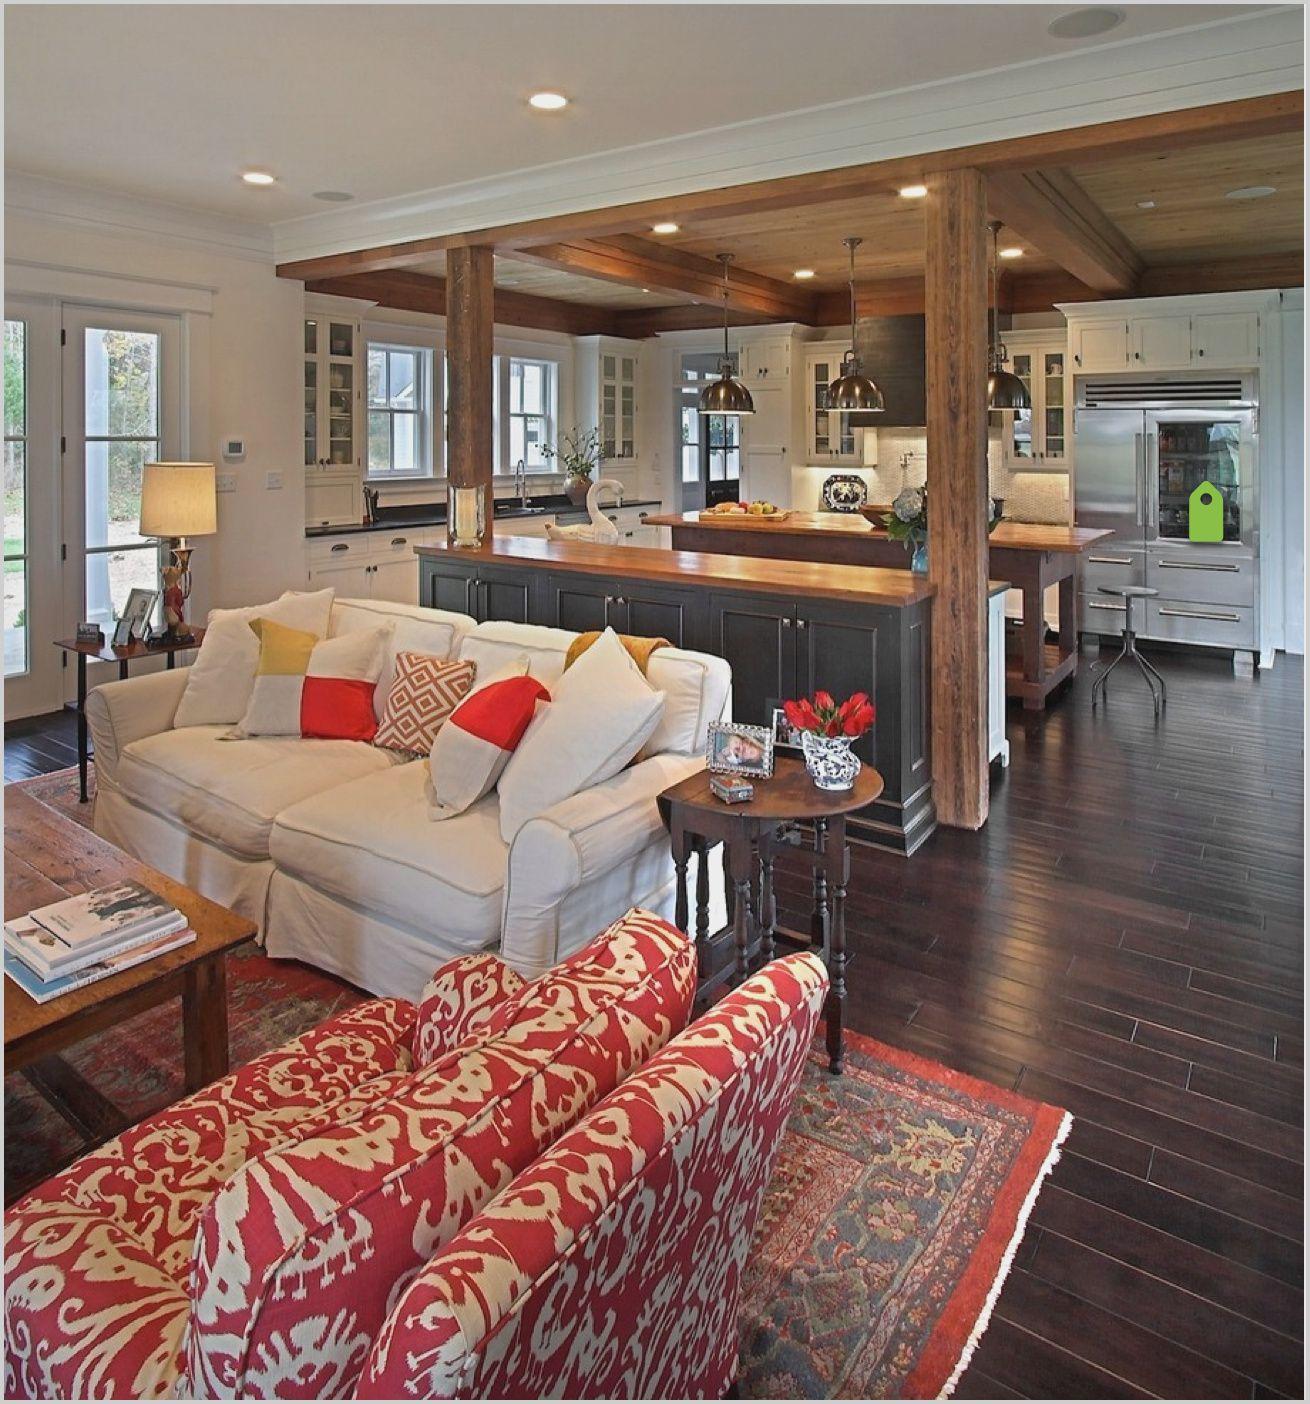 Cape Cod Living Room Paint Colors | Open concept kitchen ...